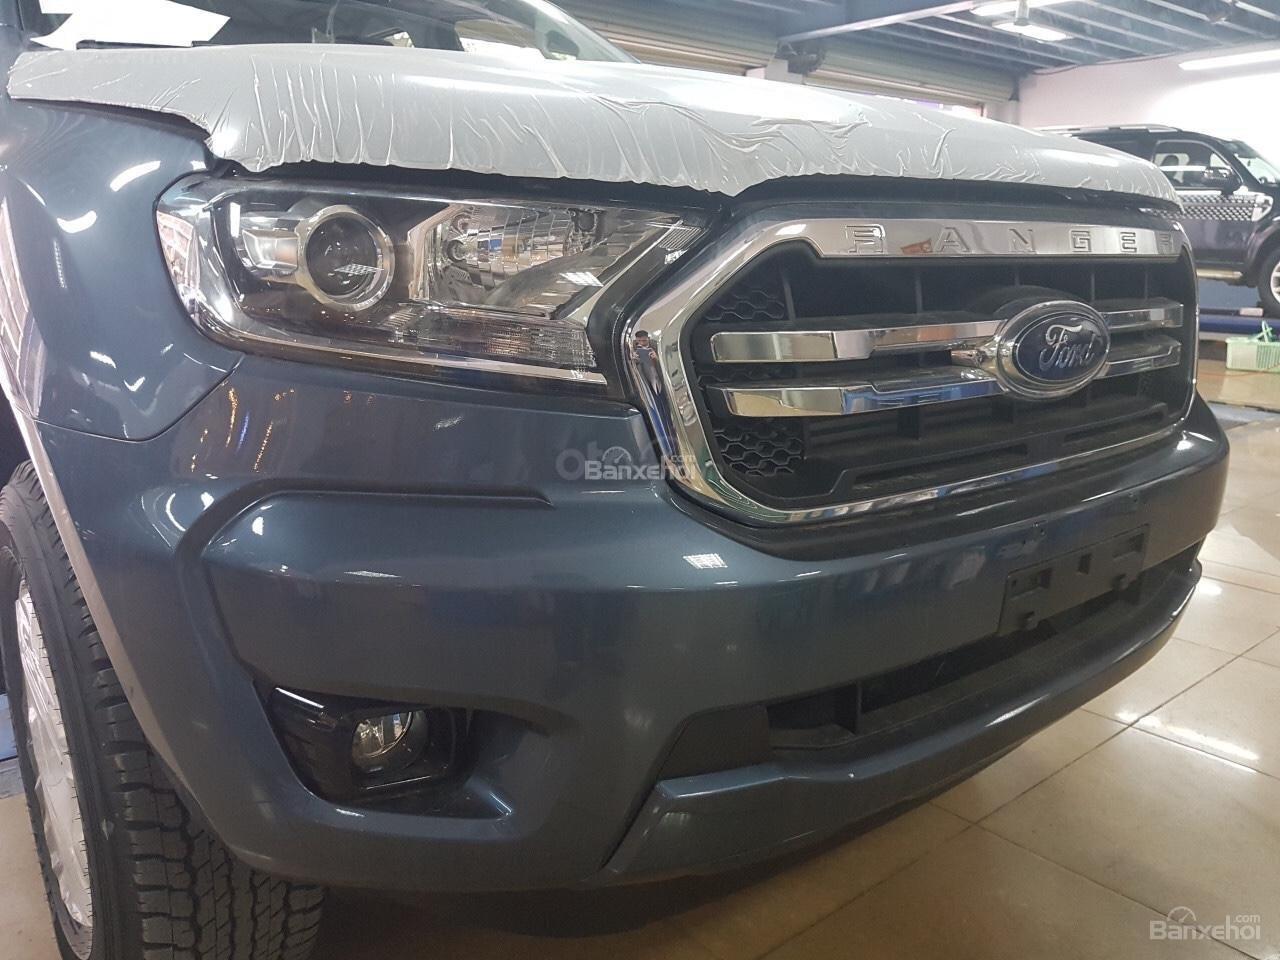 Hà Nam Ford bán các dòng bán tải Ford Ranger 2019, giá chỉ từ 580tr. LH 0974286009 (2)